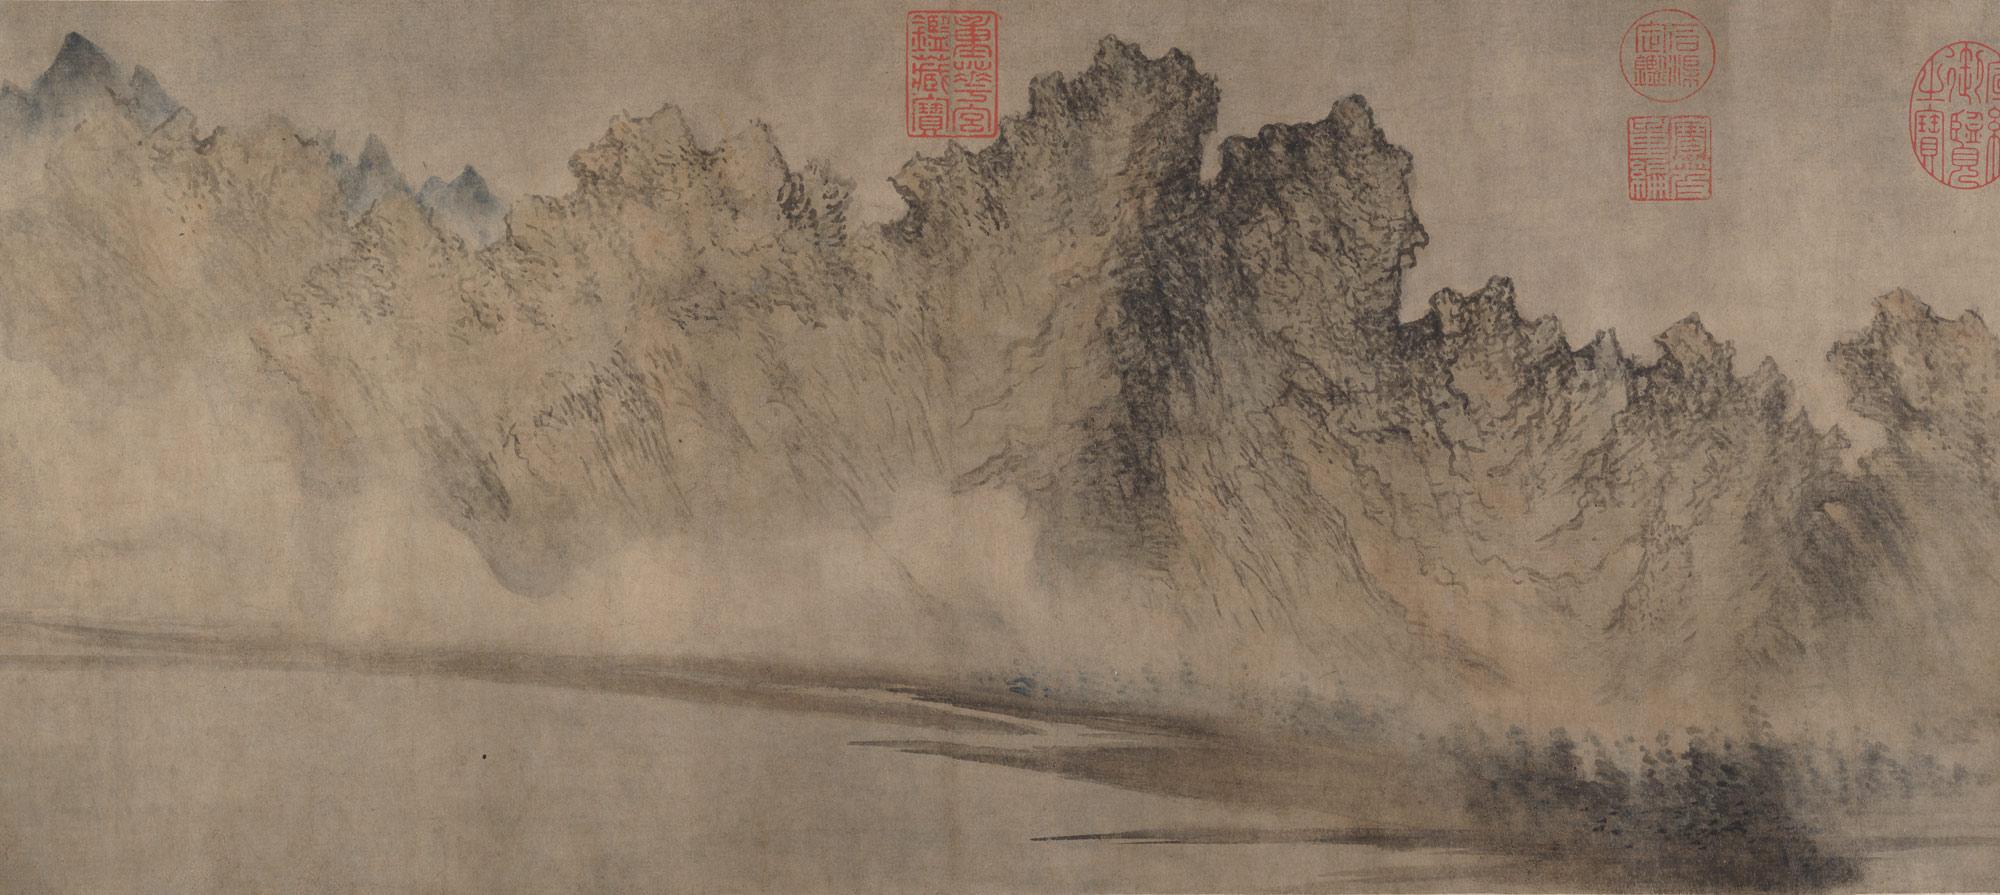 Yin And Yang Wallpaper Hd Daoism And Daoist Art Essay Heilbrunn Timeline Of Art